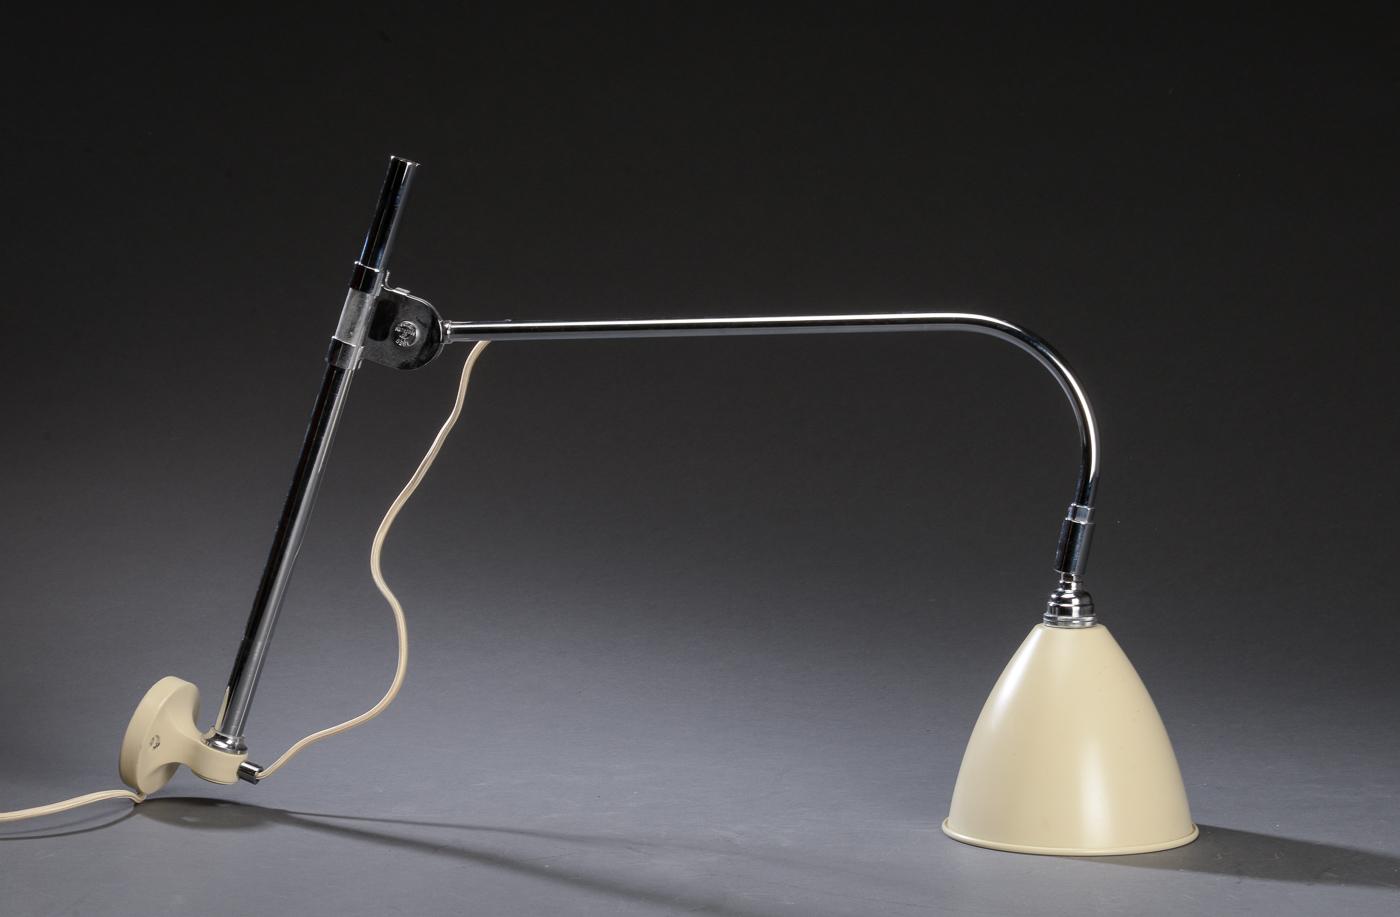 Robert Dudley Best. BestLite væglampe, model BL6 - Robert Dudley Best. BestLite væglampe, model BL6, Off White/krom, justerbar. Formgivet ca. 1930. Fremstillet hos Gubi. Fremstår med brugsspor